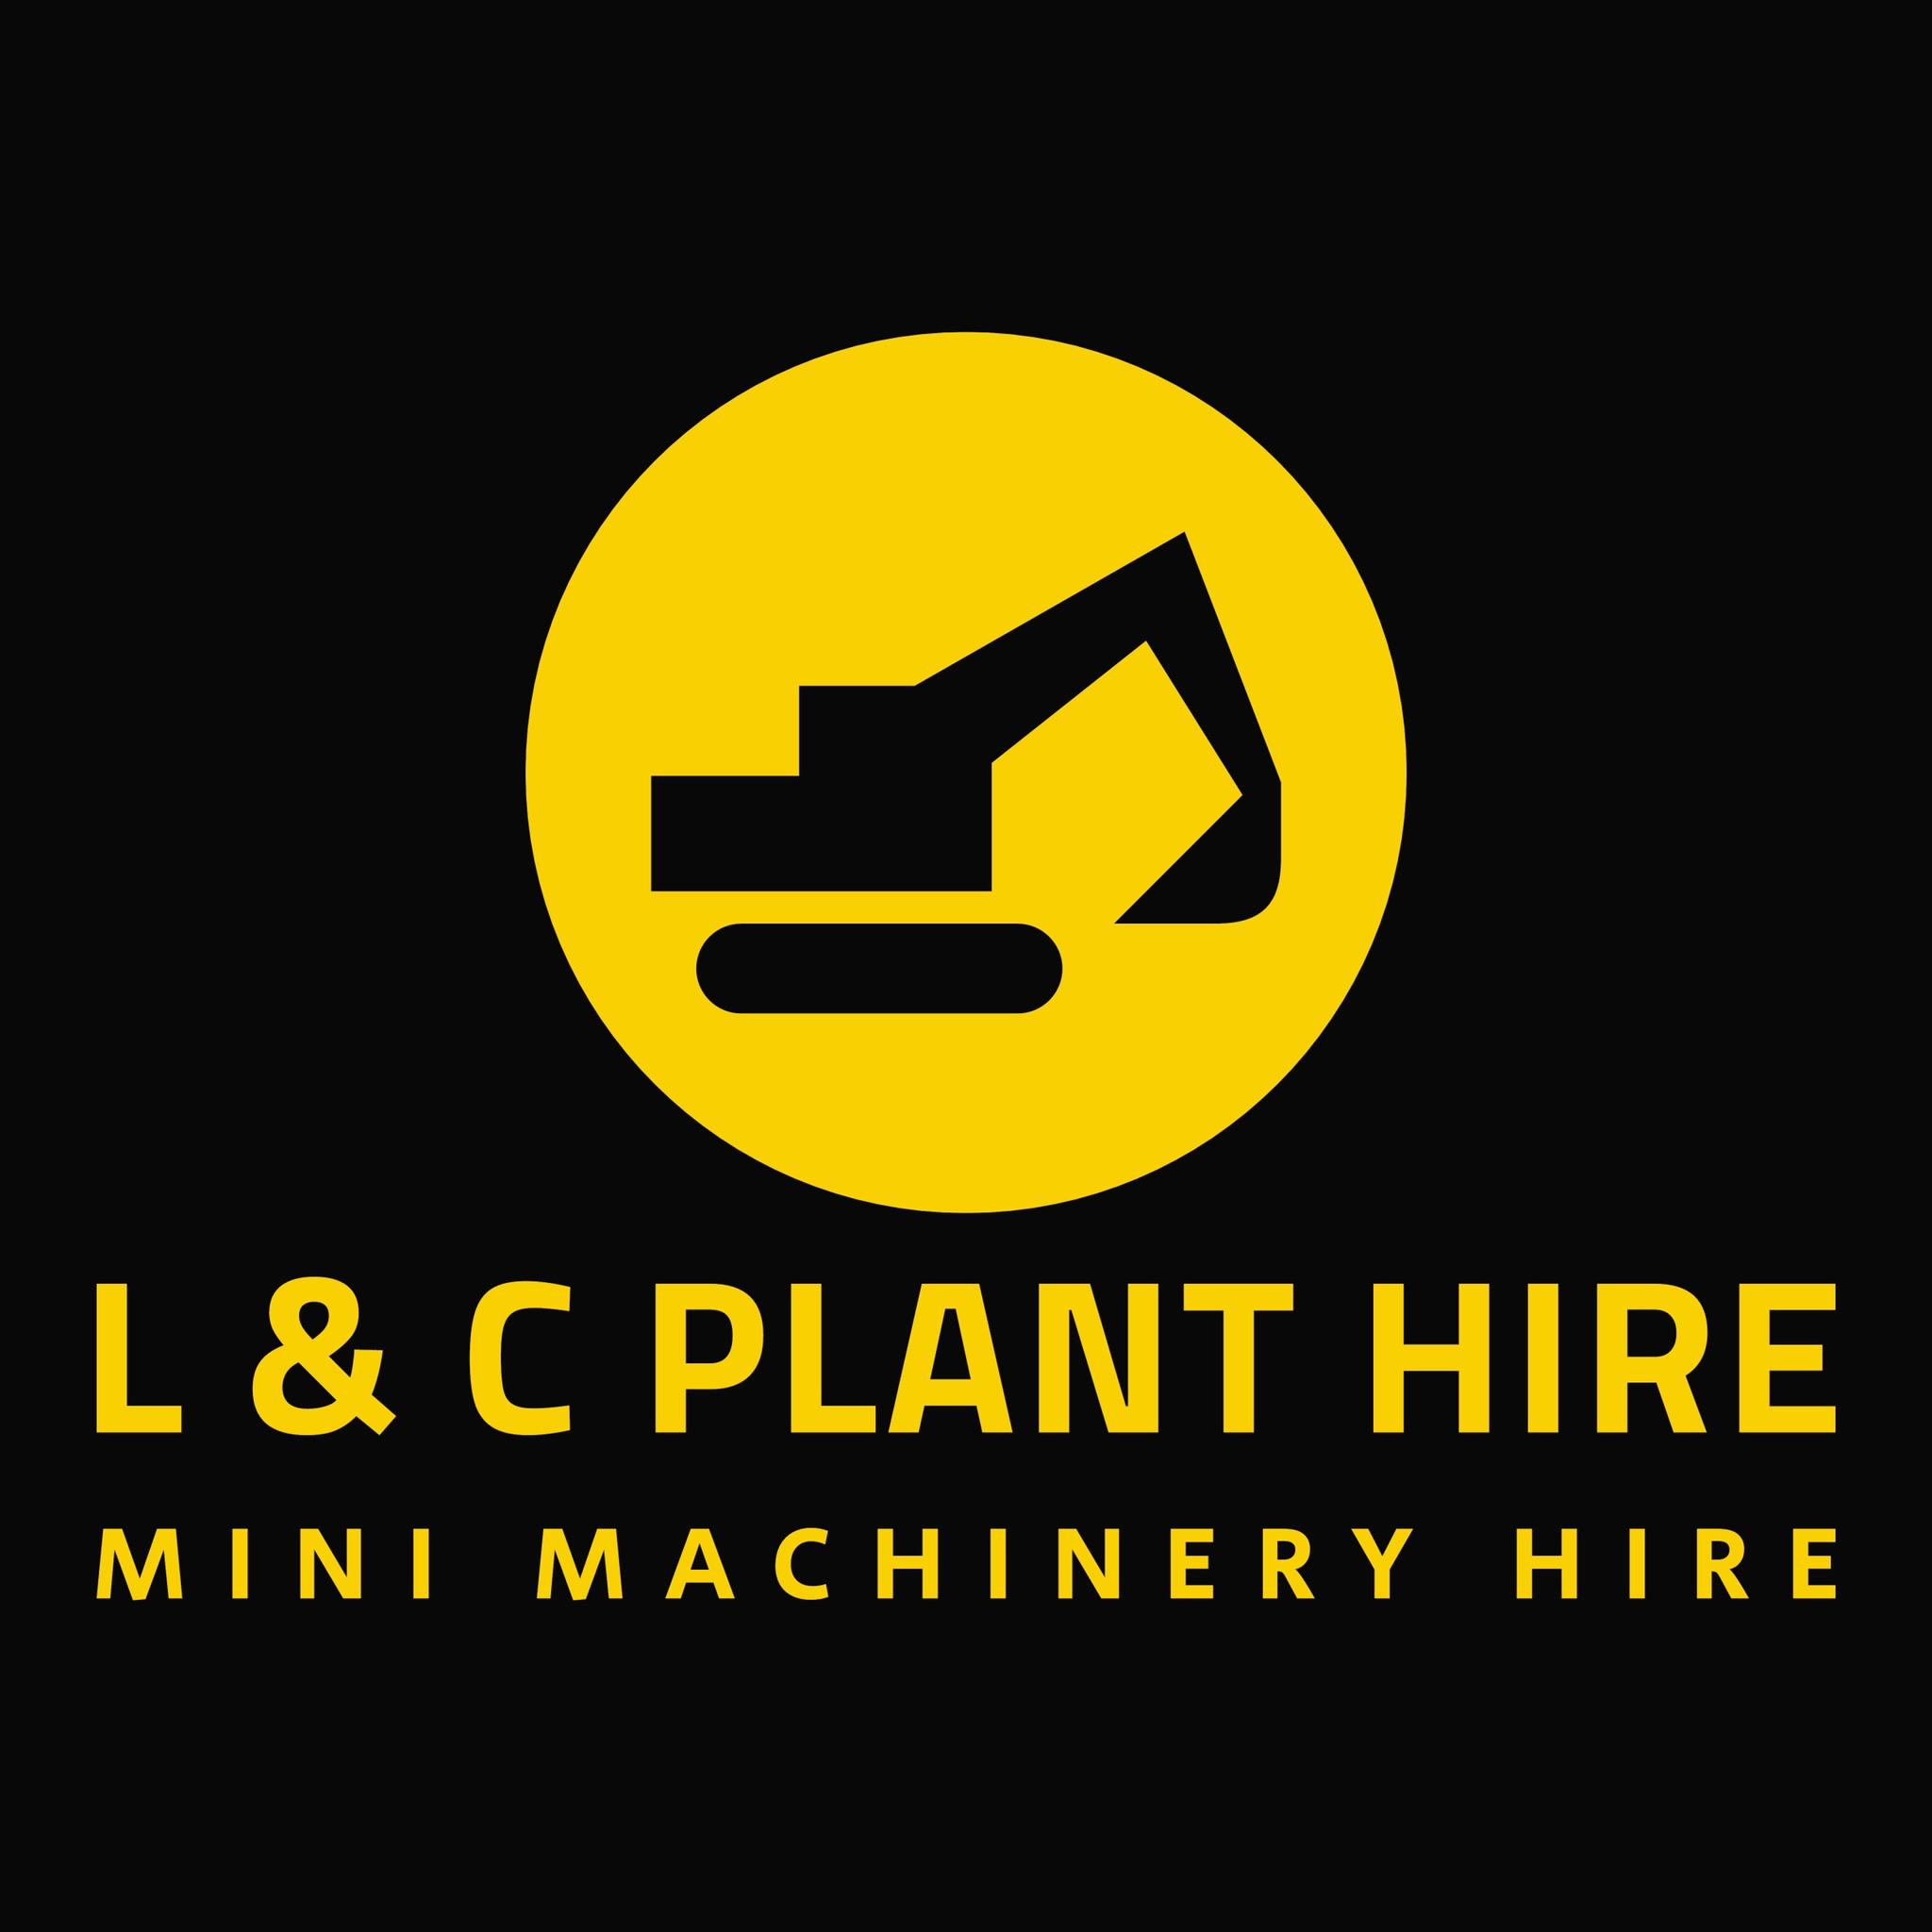 L & C Plant Hire